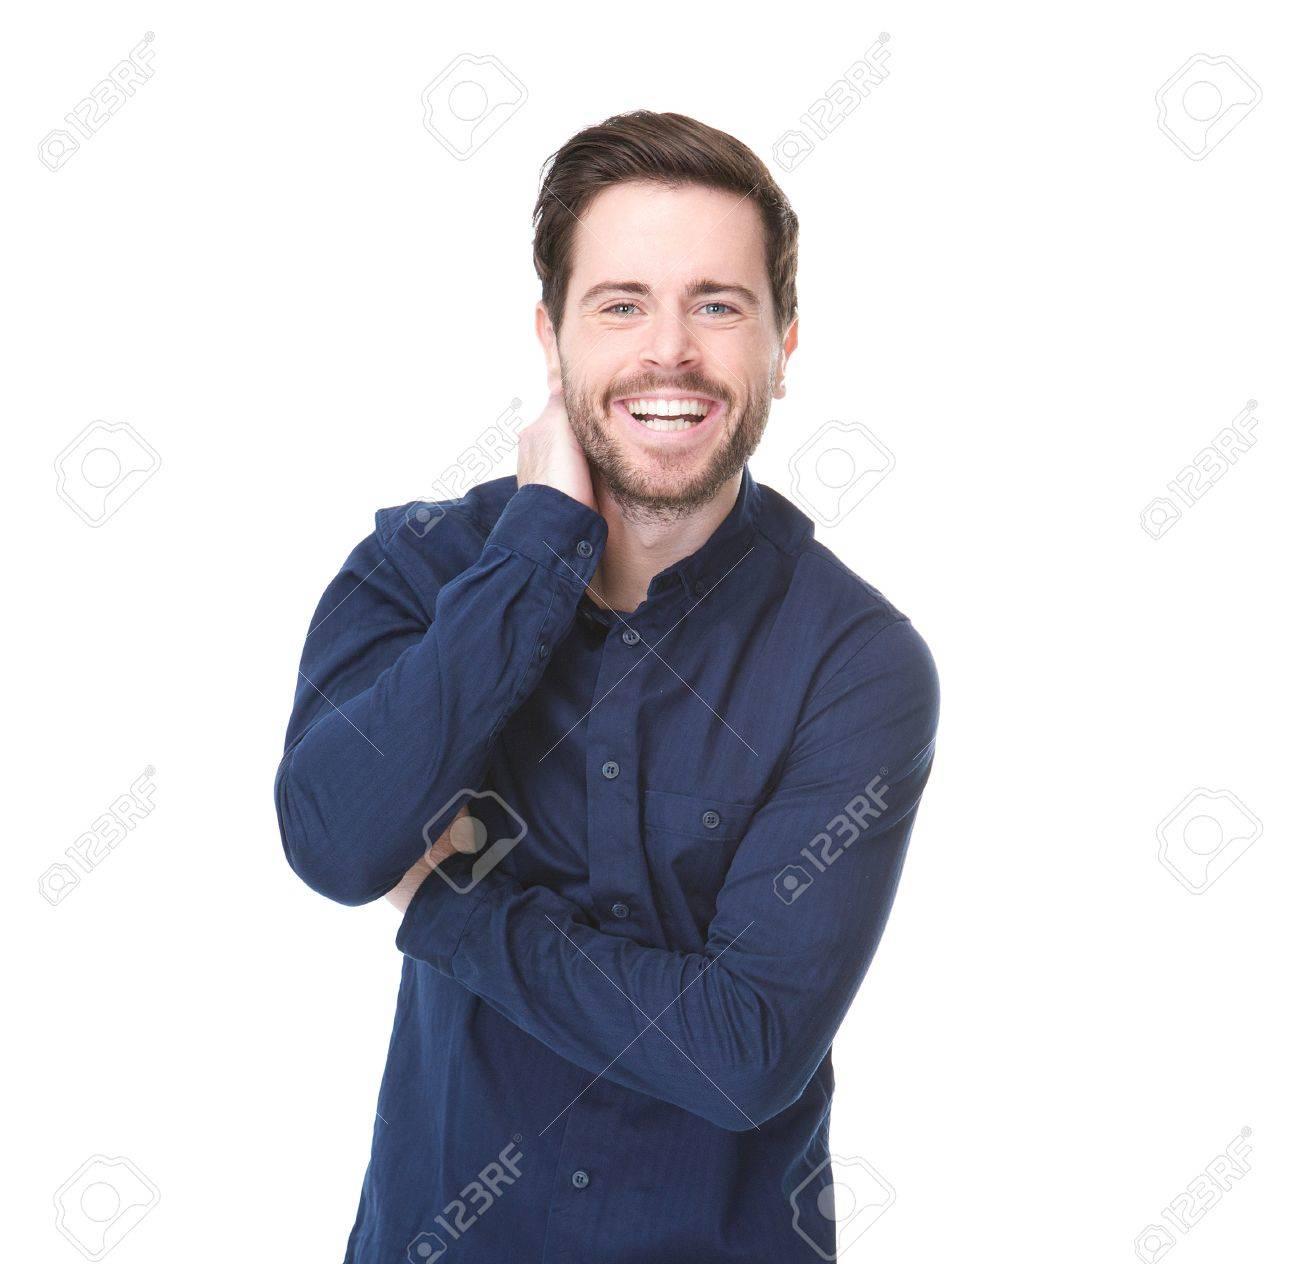 Homme Souriant gros plan portrait de jeune homme souriant sur fond blanc isolé